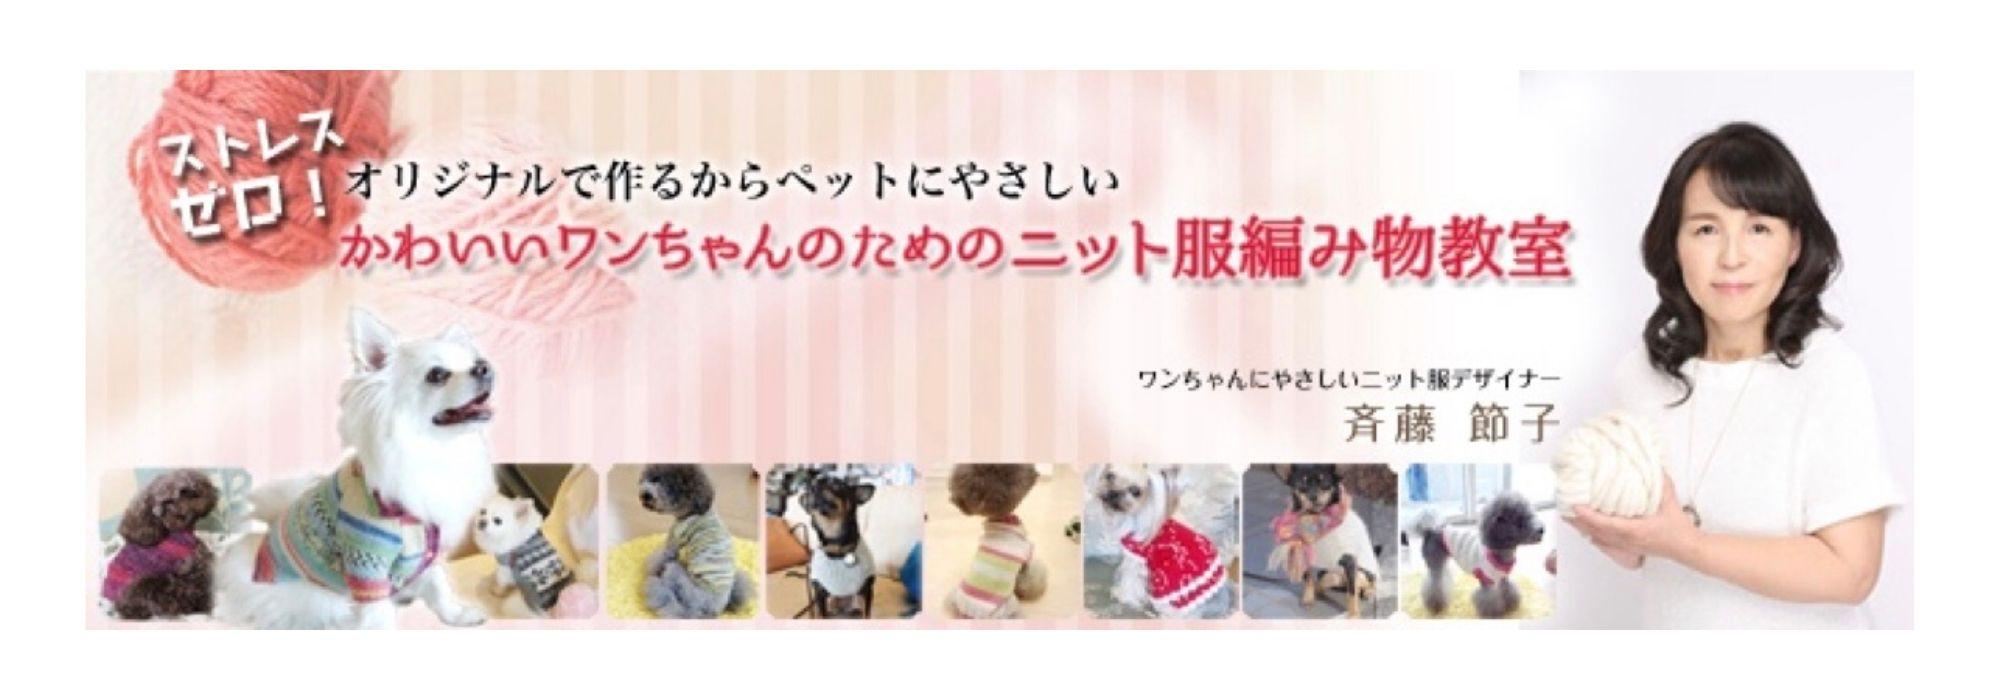 ワンちゃんのニット服編み物教室 : 横浜